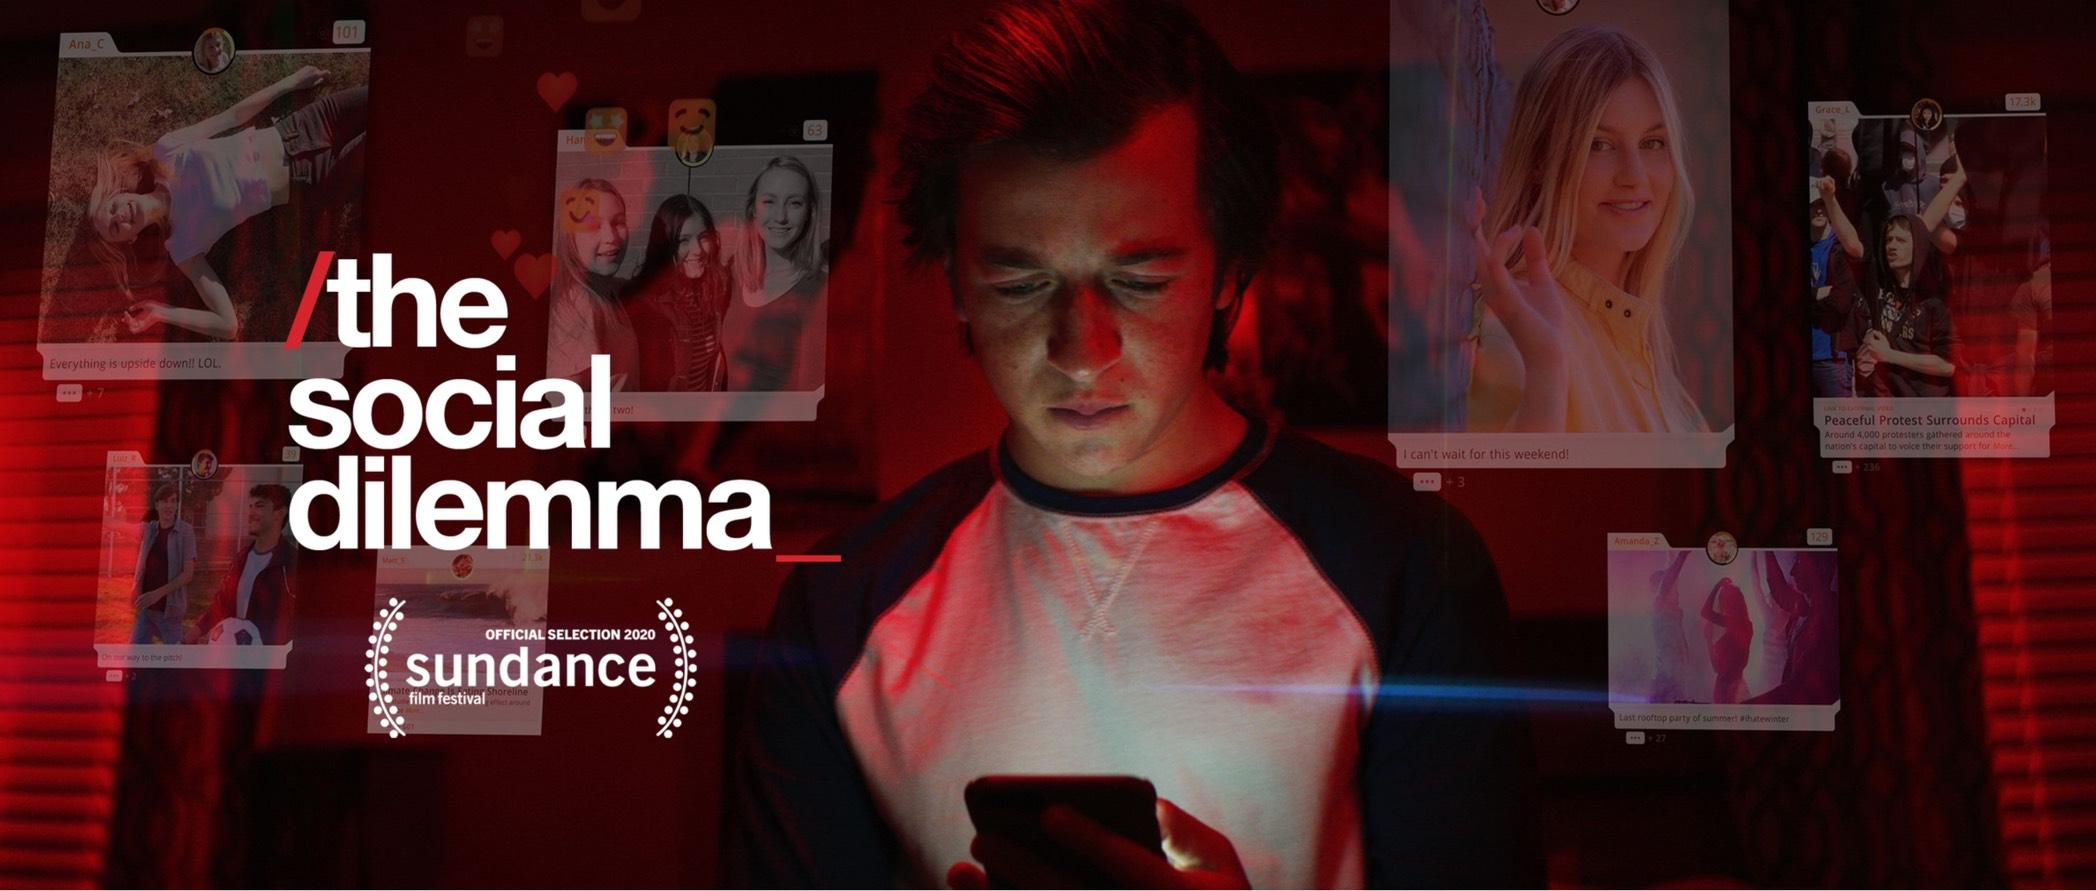 The Social Dilemma documentary film